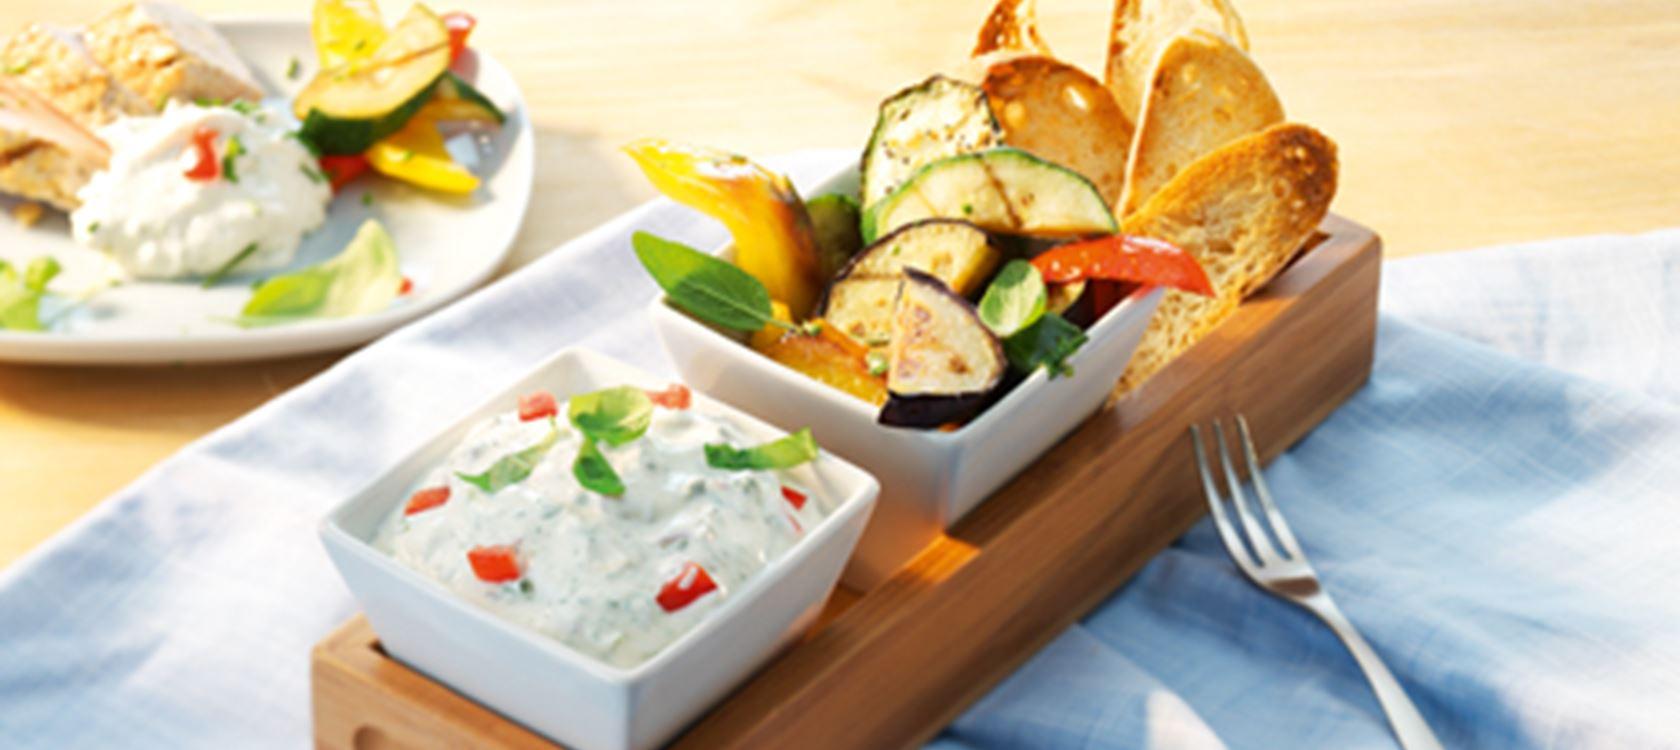 Balsamico-Frischkäse-Dip mit Gemüse